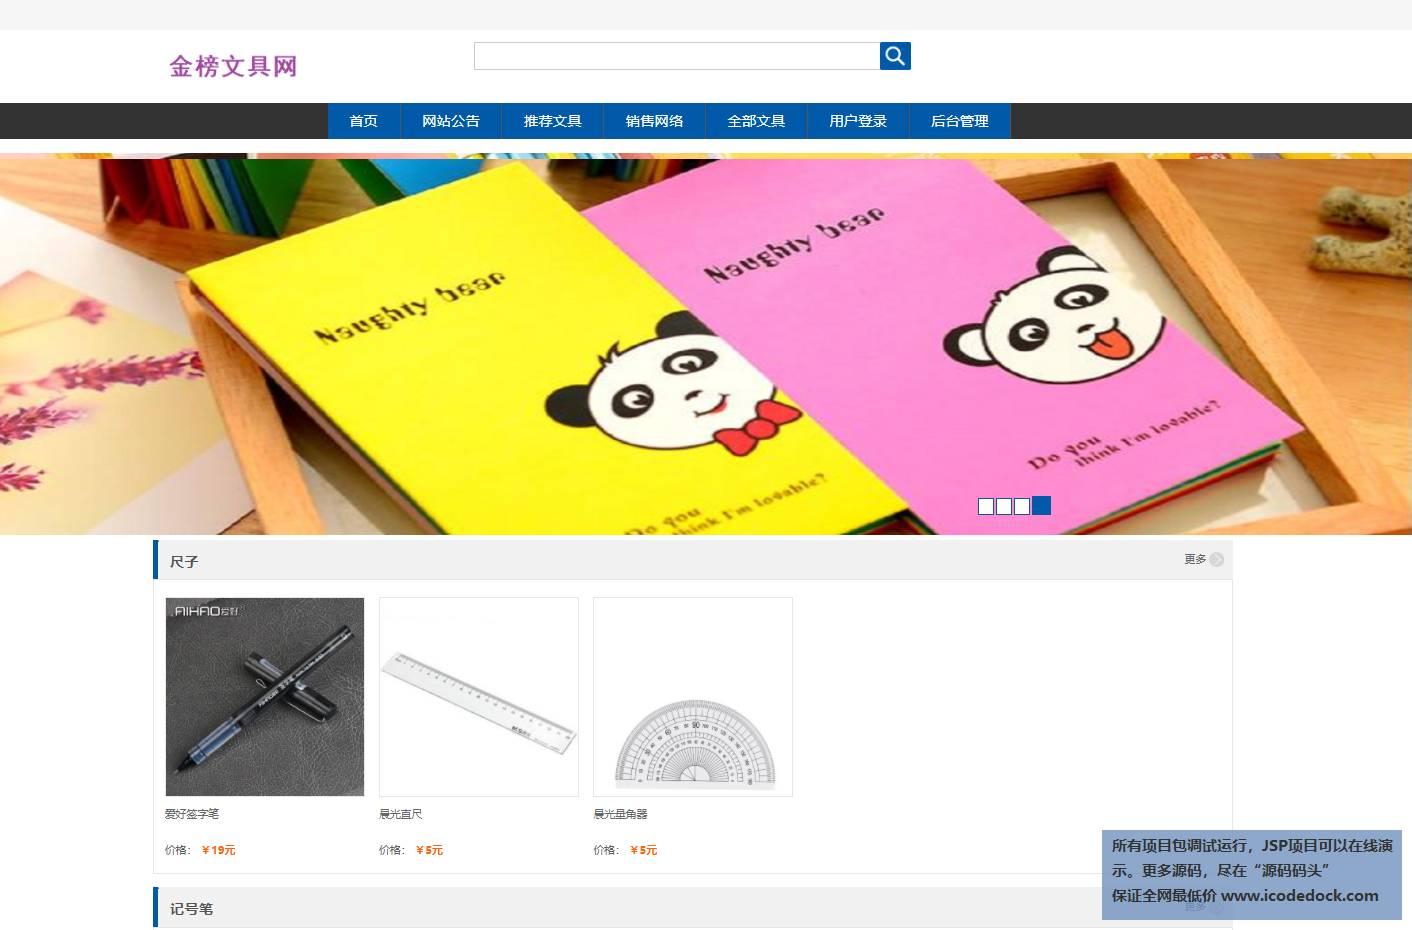 源码码头-SSM实现的一个在线文具学习用品购买商城网站-用户角色-按分类查看